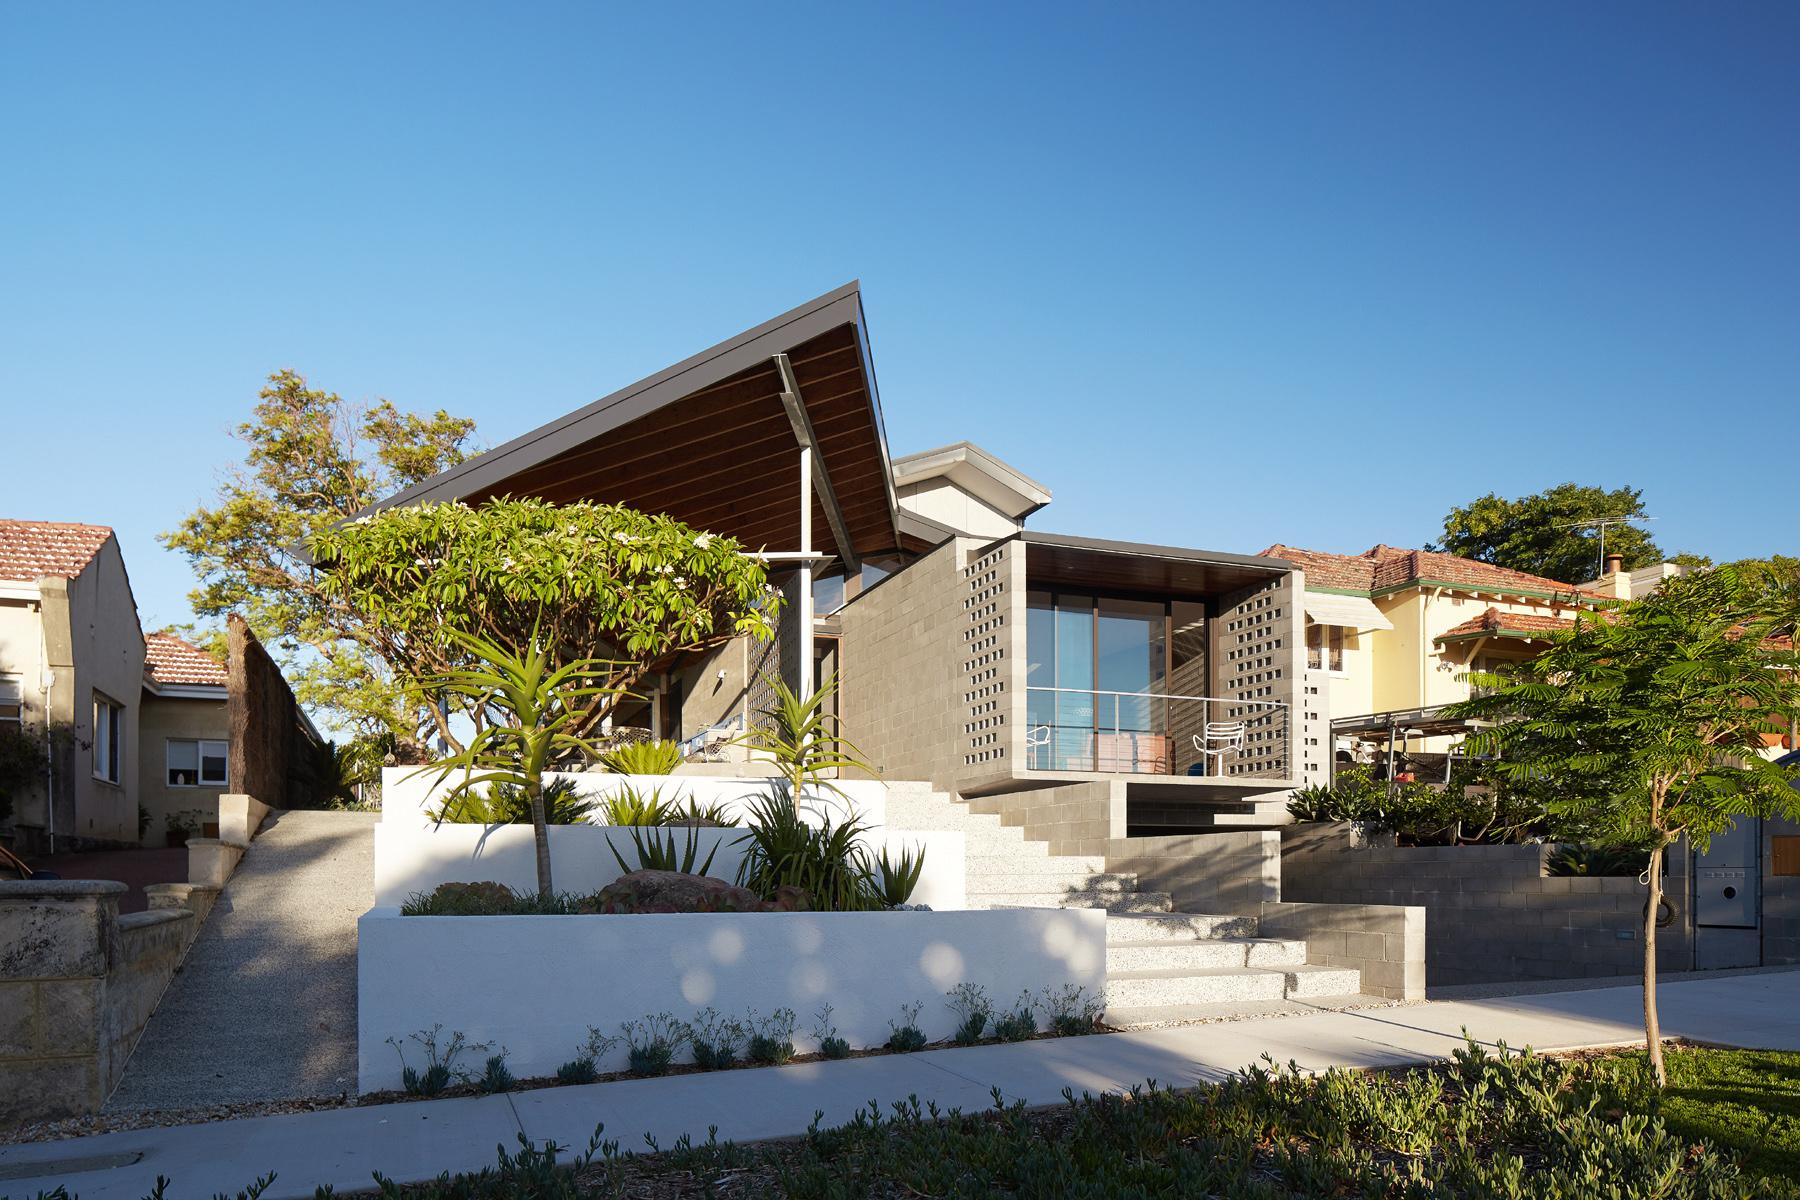 McKenzie St houseArchitect: Fringe Architects